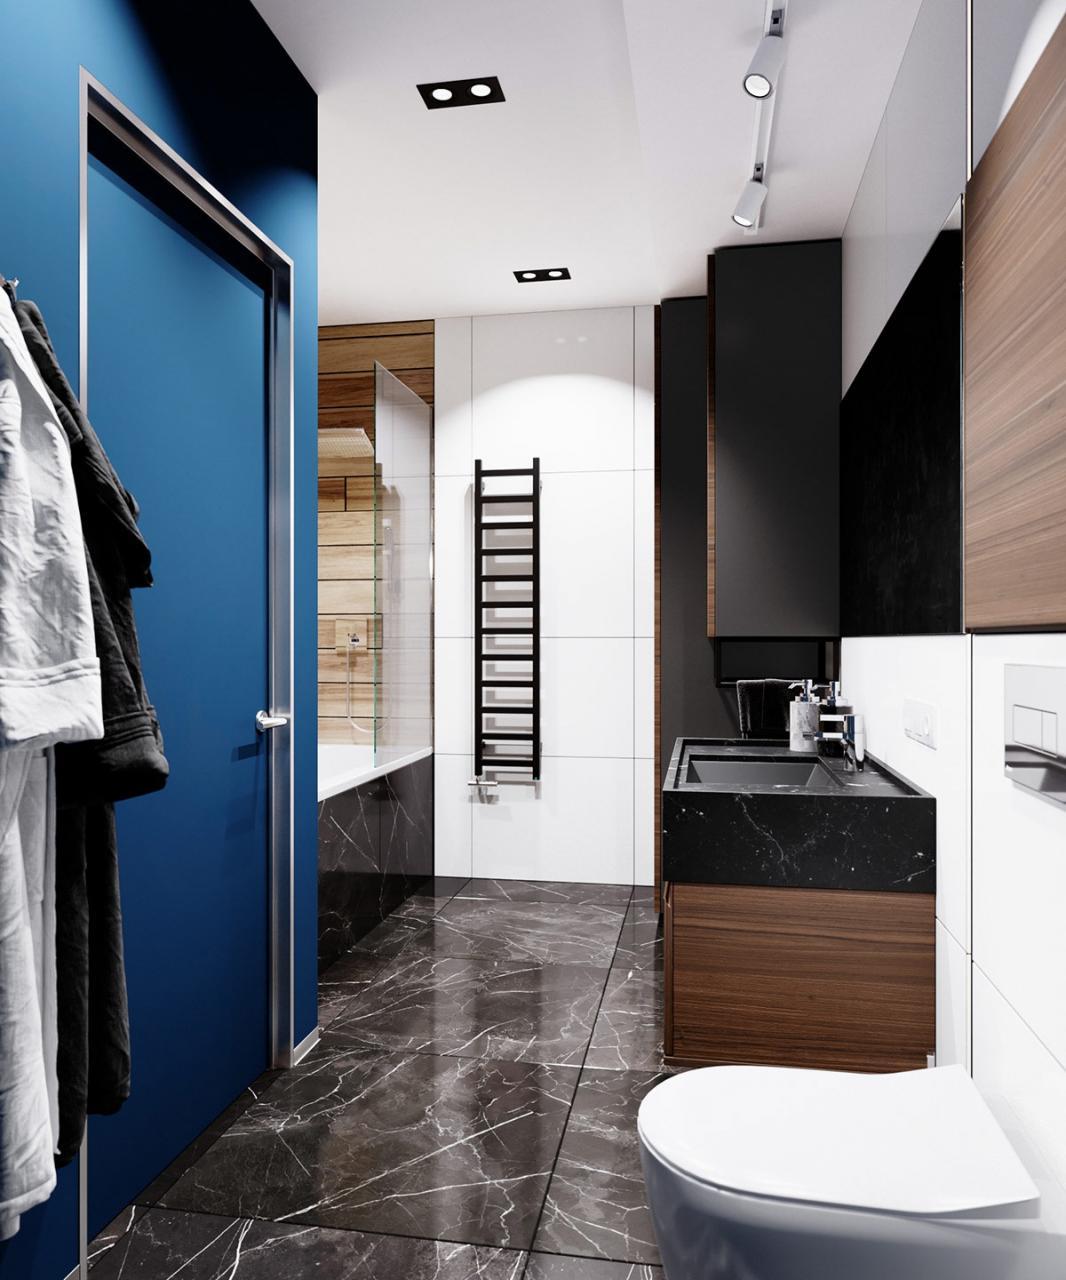 Sàn đá cẩm thạch cung cấp vẻ ngoài sang trọng cho phòng tắm